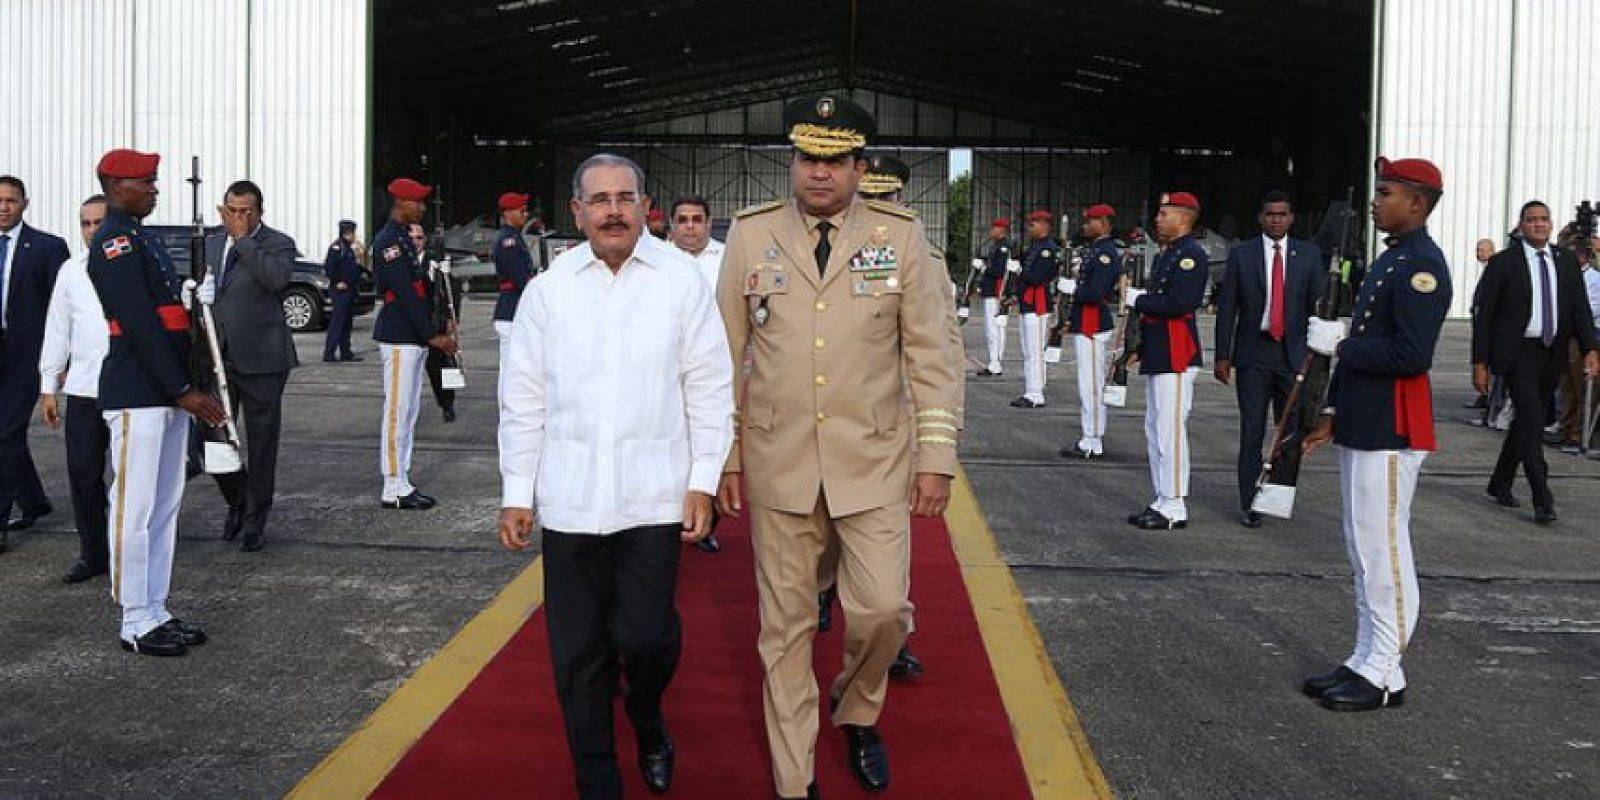 Danilo recibiendo la ceremonia protocolar de cada viaje Foto:Presidencia RD